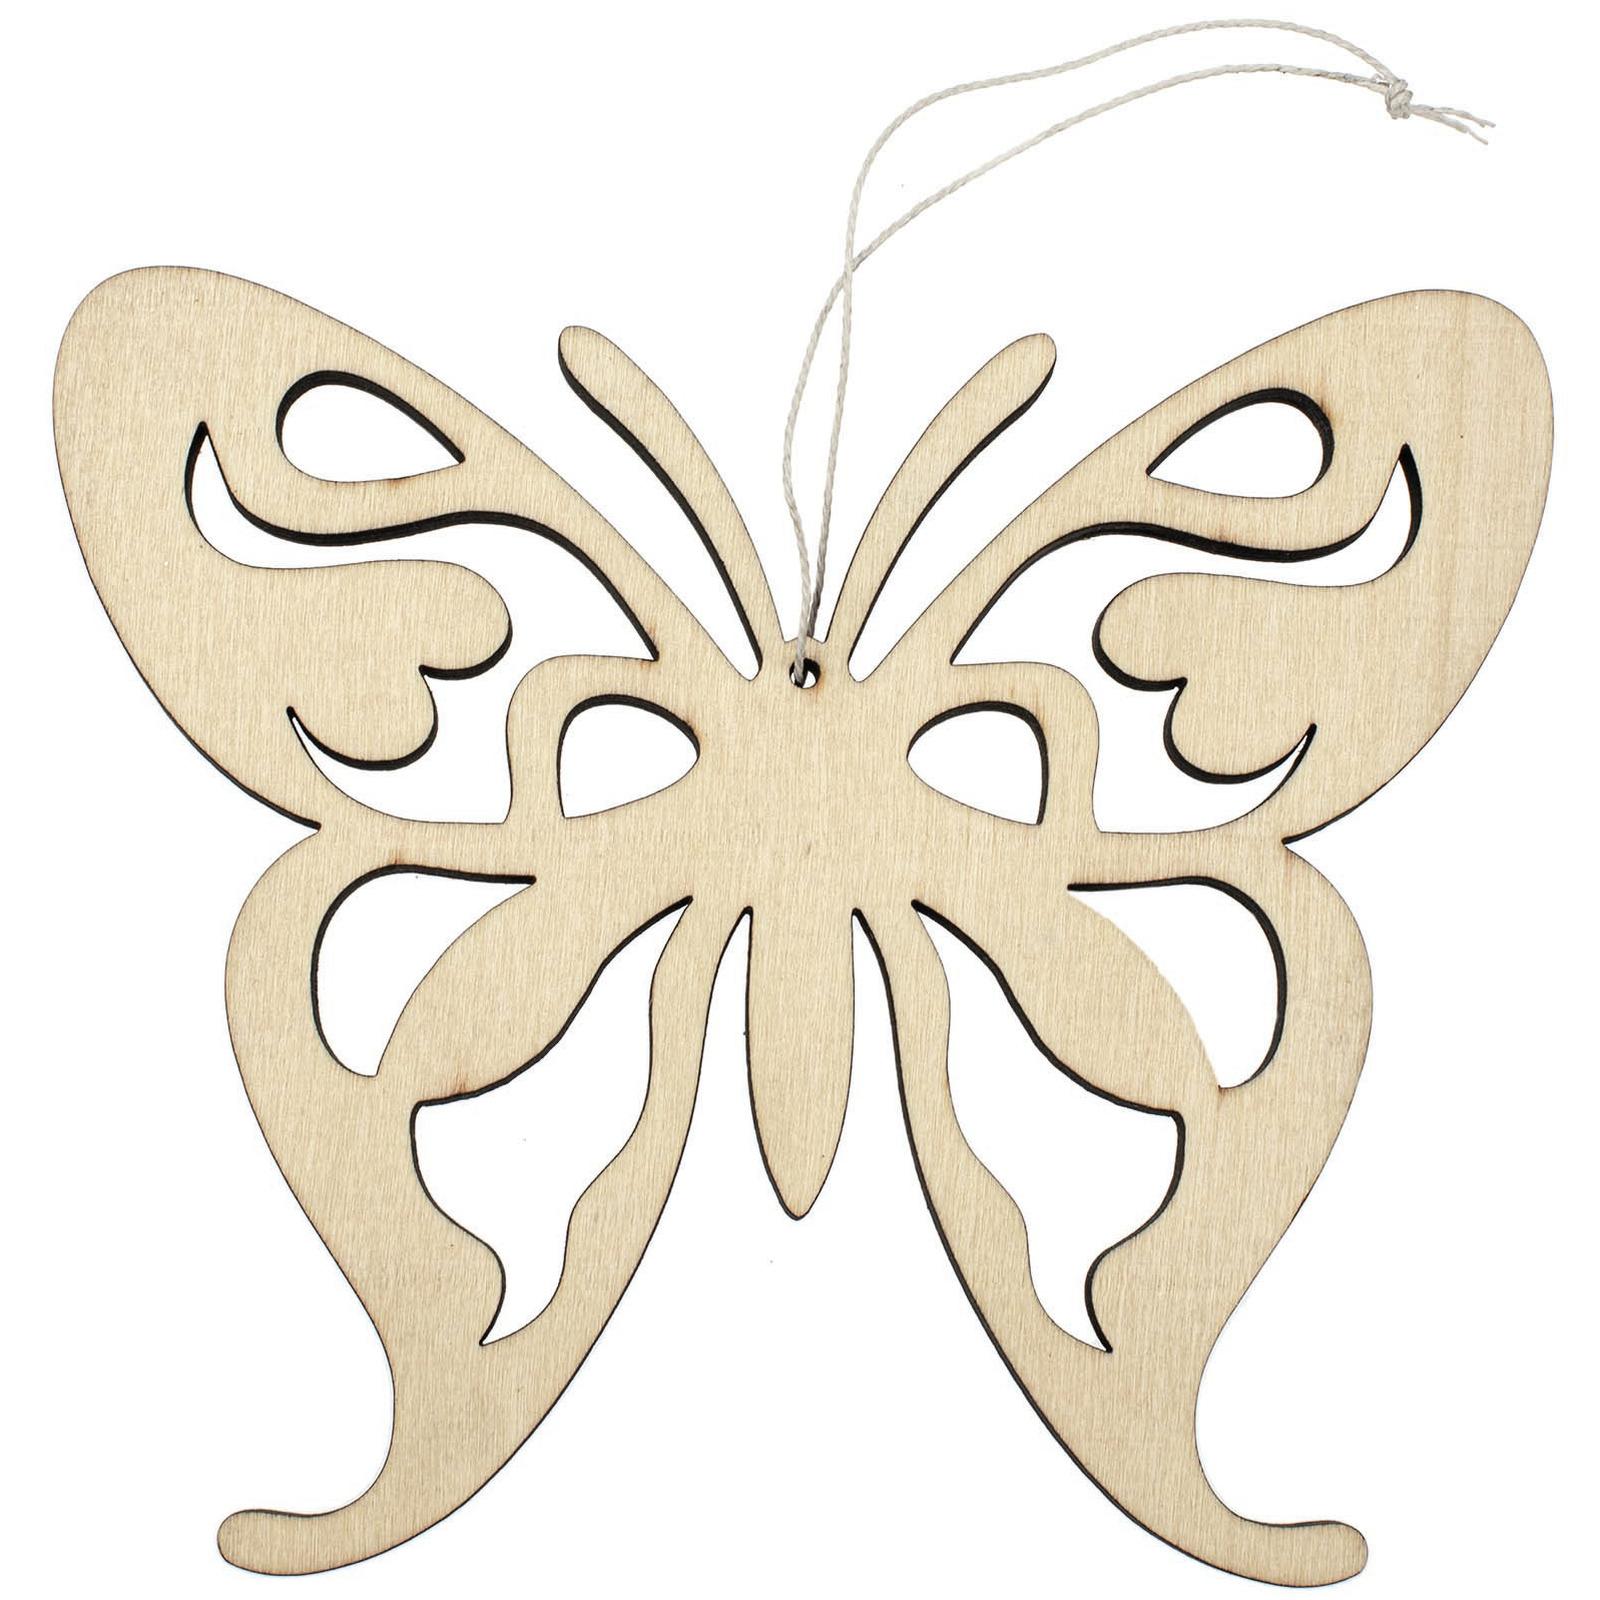 1x Vlinders ophang decoratie van hout 16,5 x 14 cm